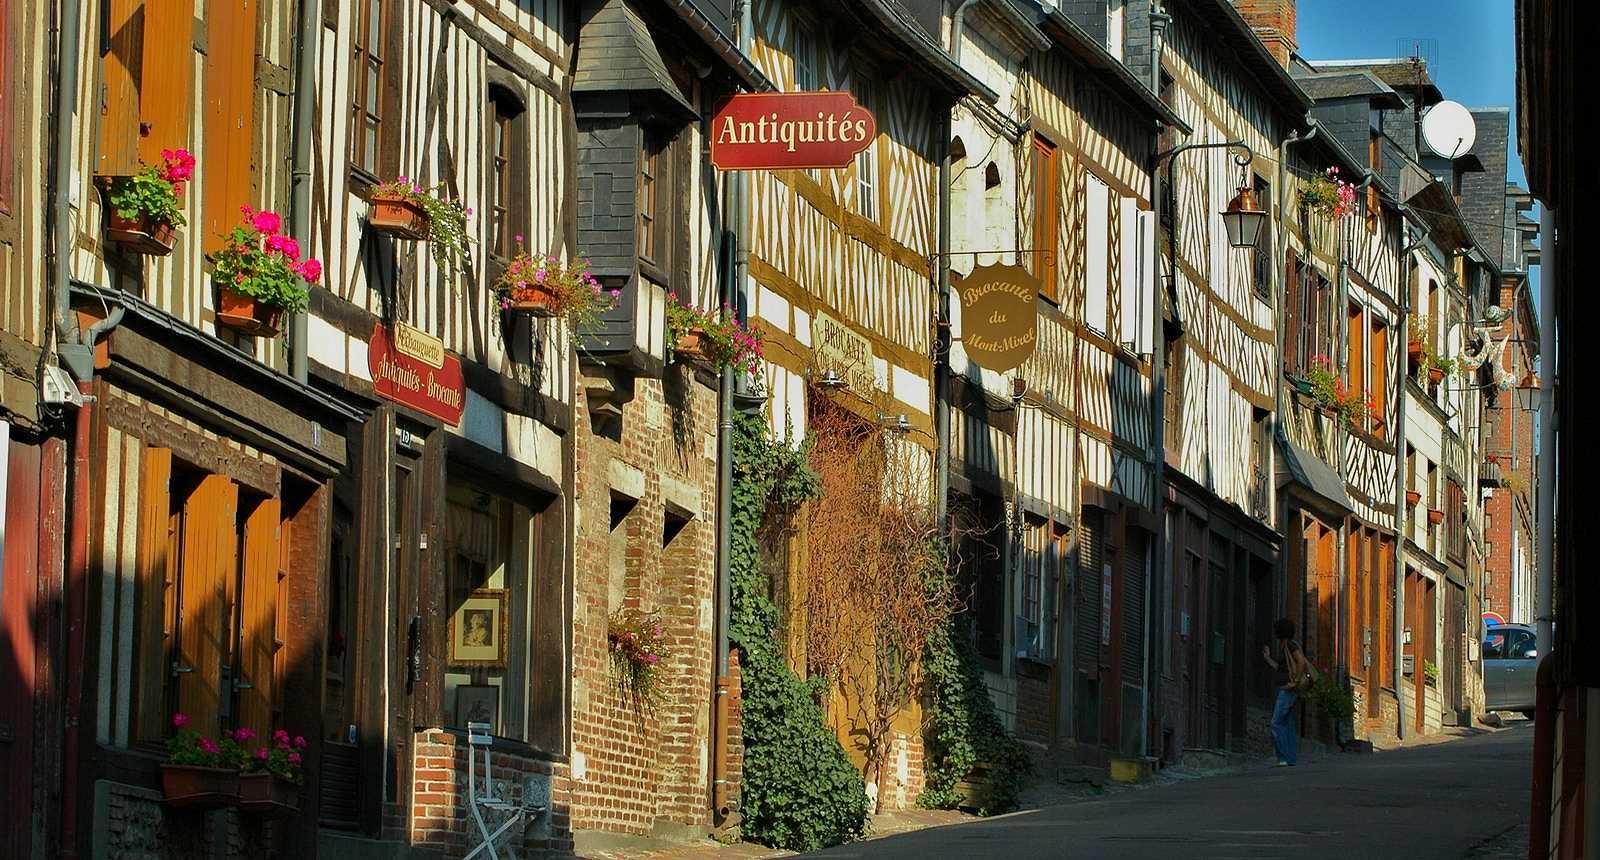 Une rue de Cormeilles